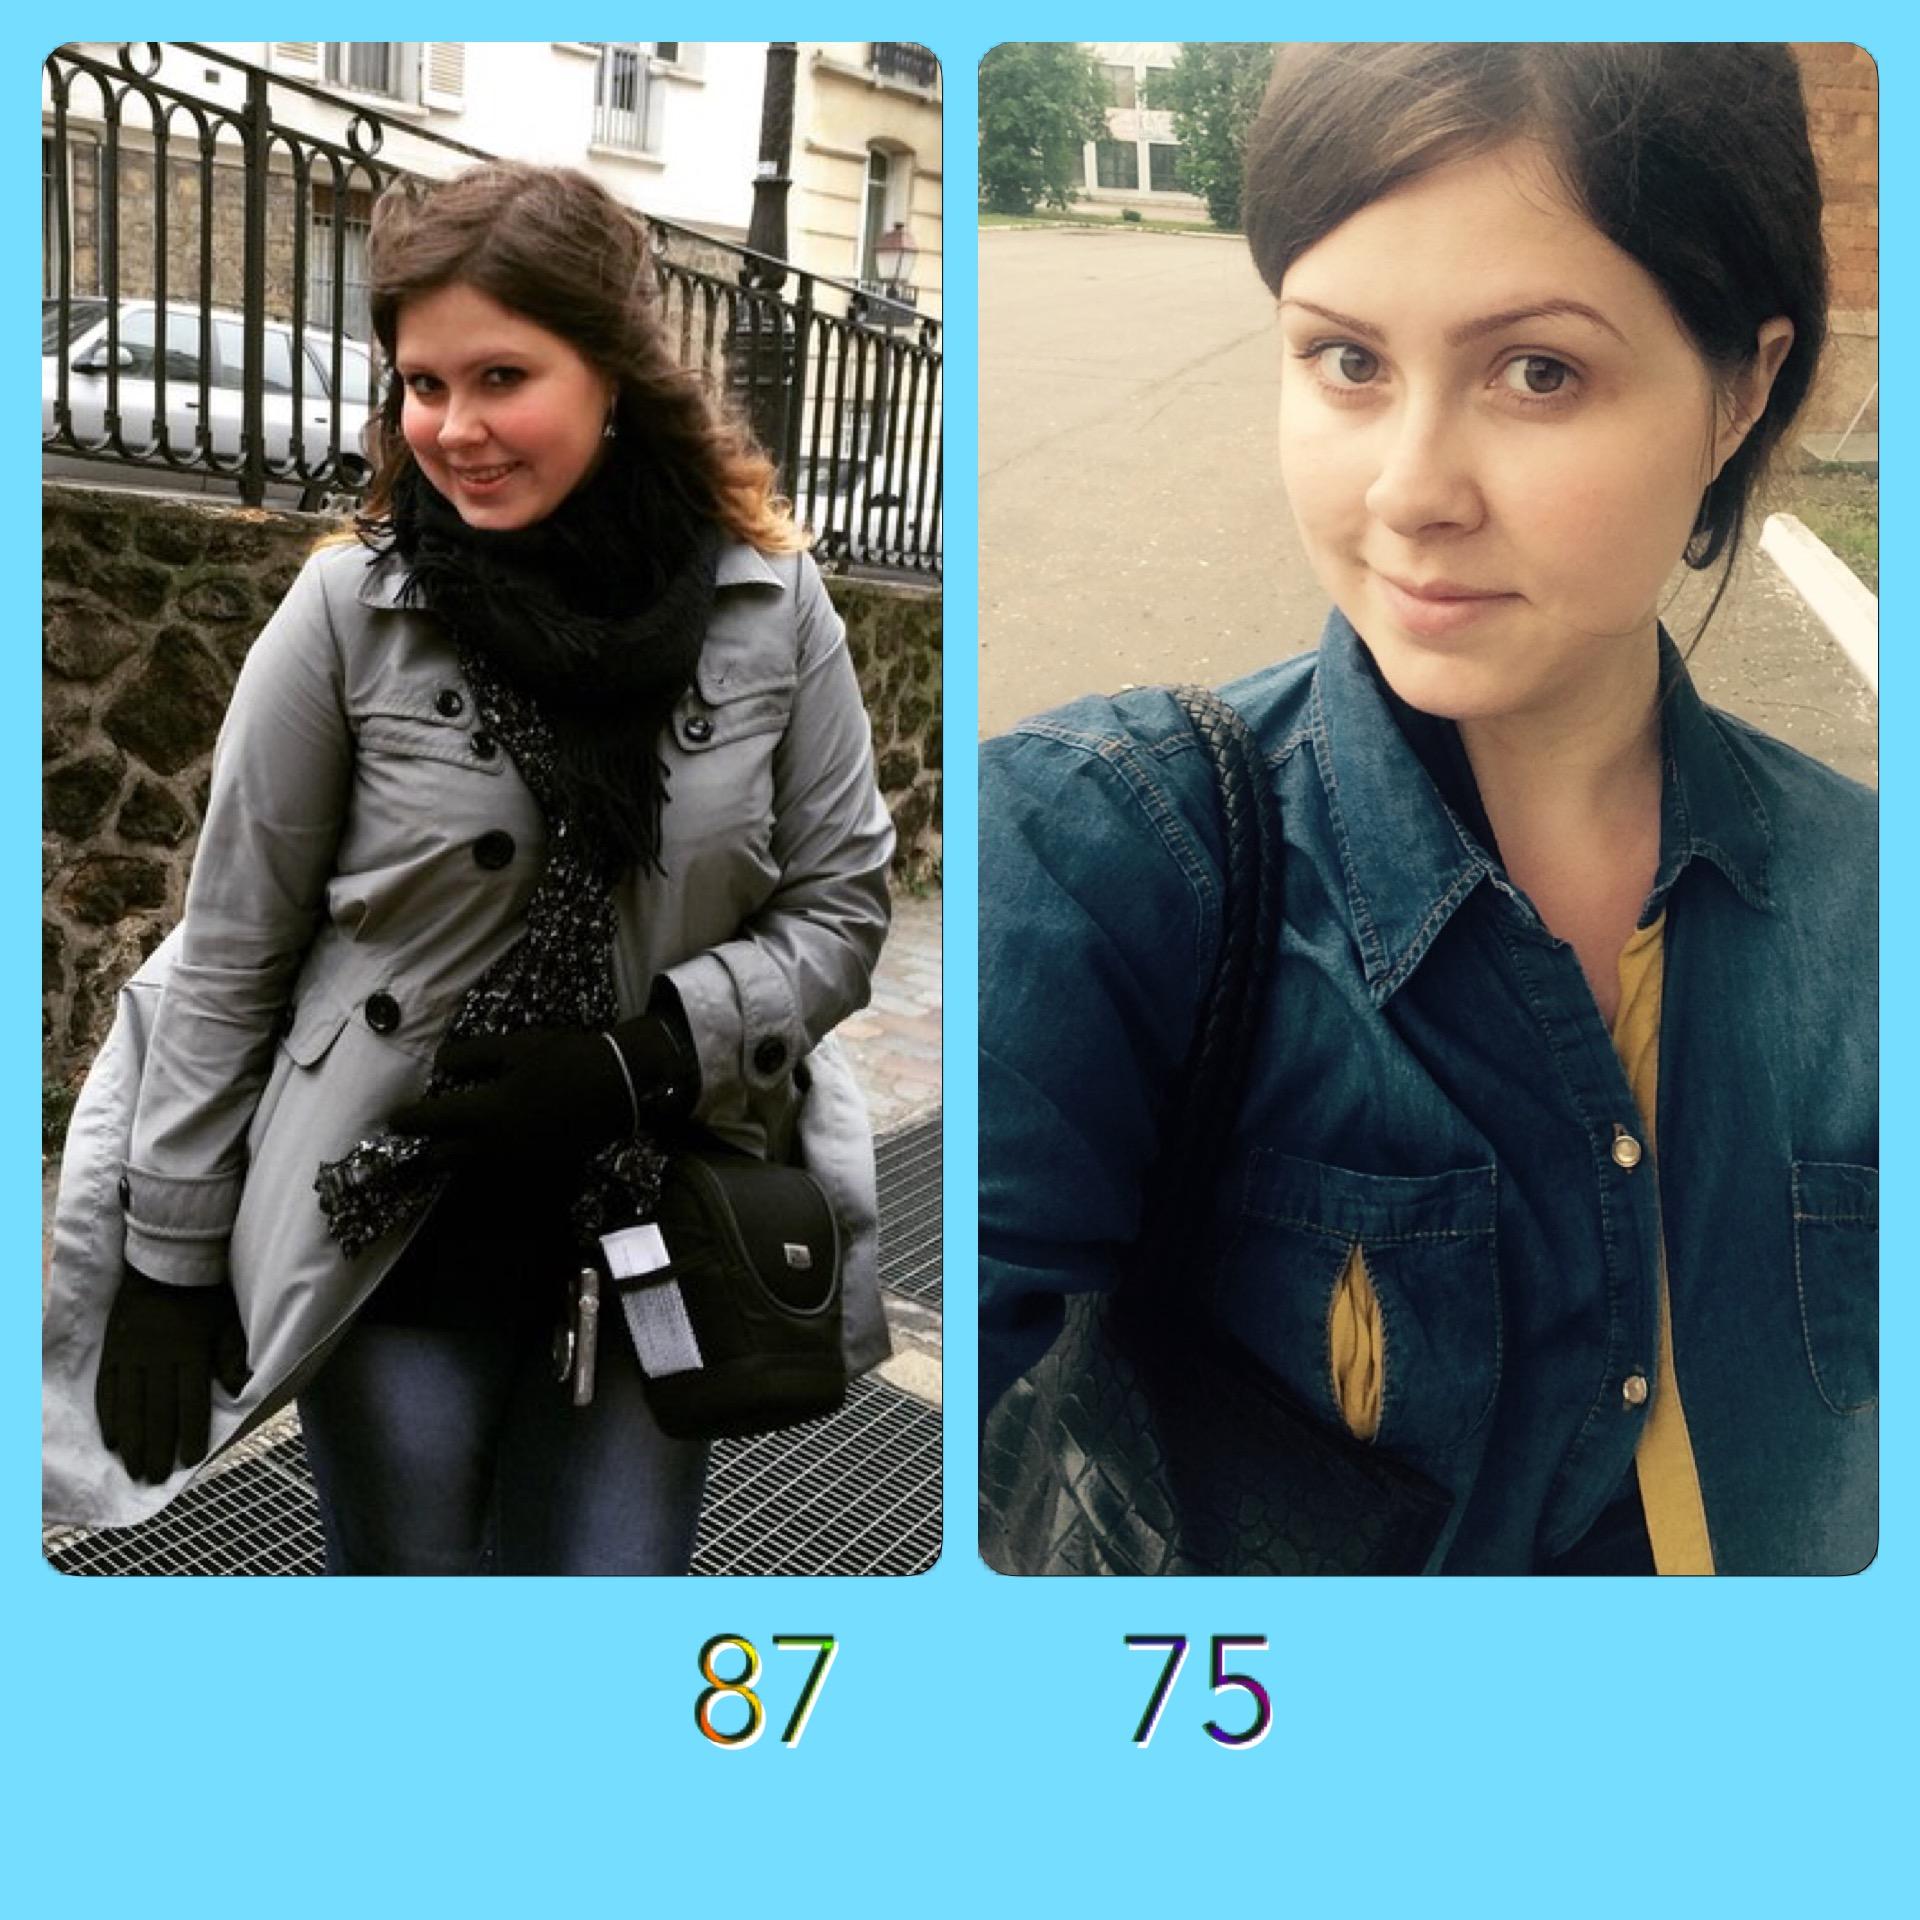 Минус 30 кг, фото до и после похудения